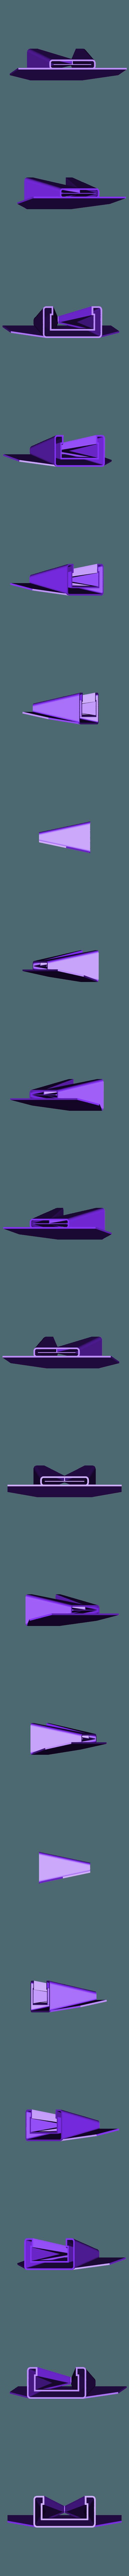 5cmBiasTape_Q2_wings.stl Download free STL file 3cm / 3.5cm / 4cm / 5cm Simple Bias Tape Maker, zakladac pasku • 3D printable template, ongaroo